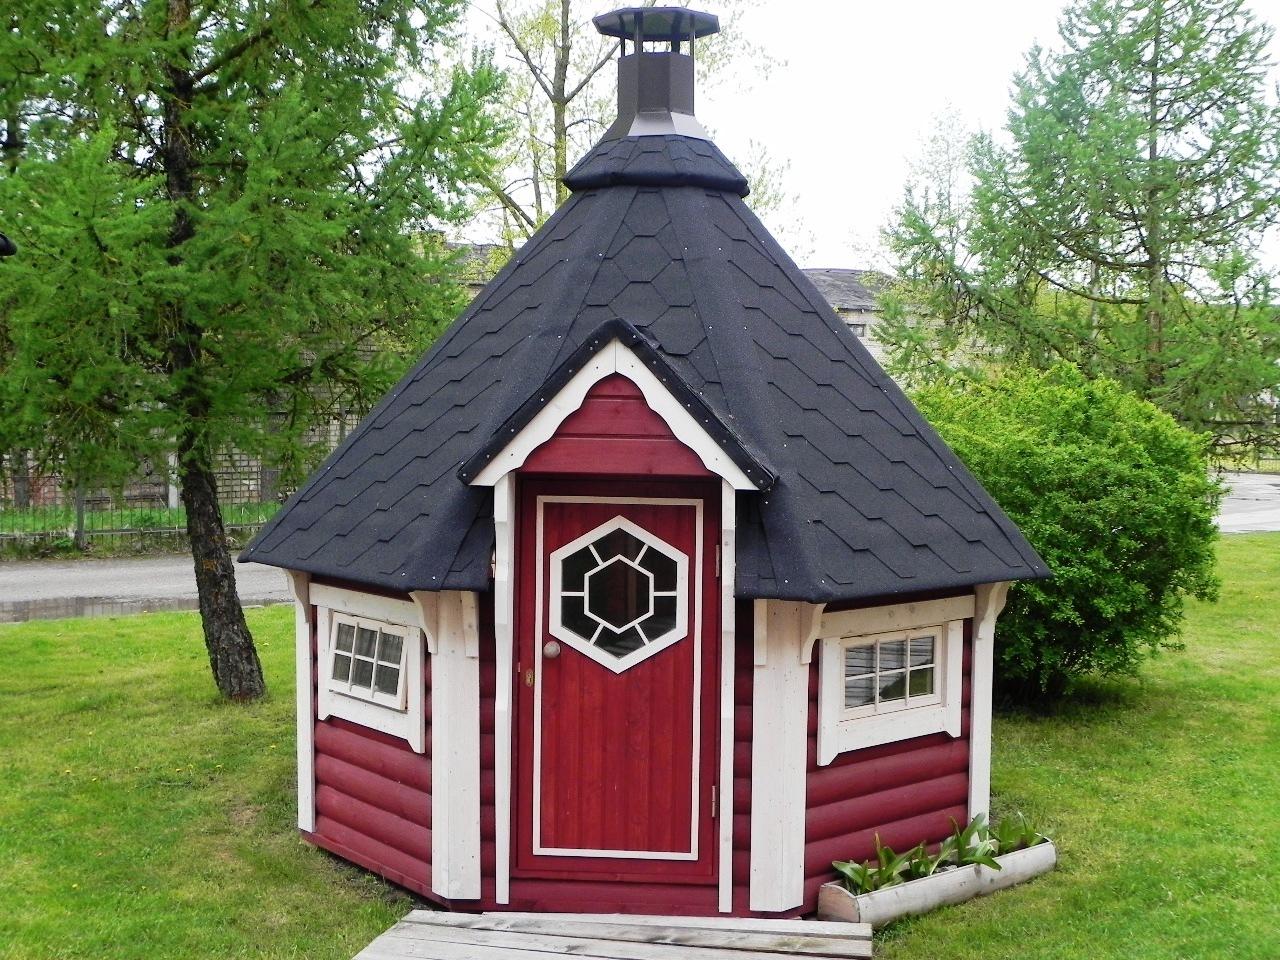 Le Kota Grill Finlandais 6,9M2 Avec Barbecue Et Le Kota ... intérieur Abri De Jardin Finlandais